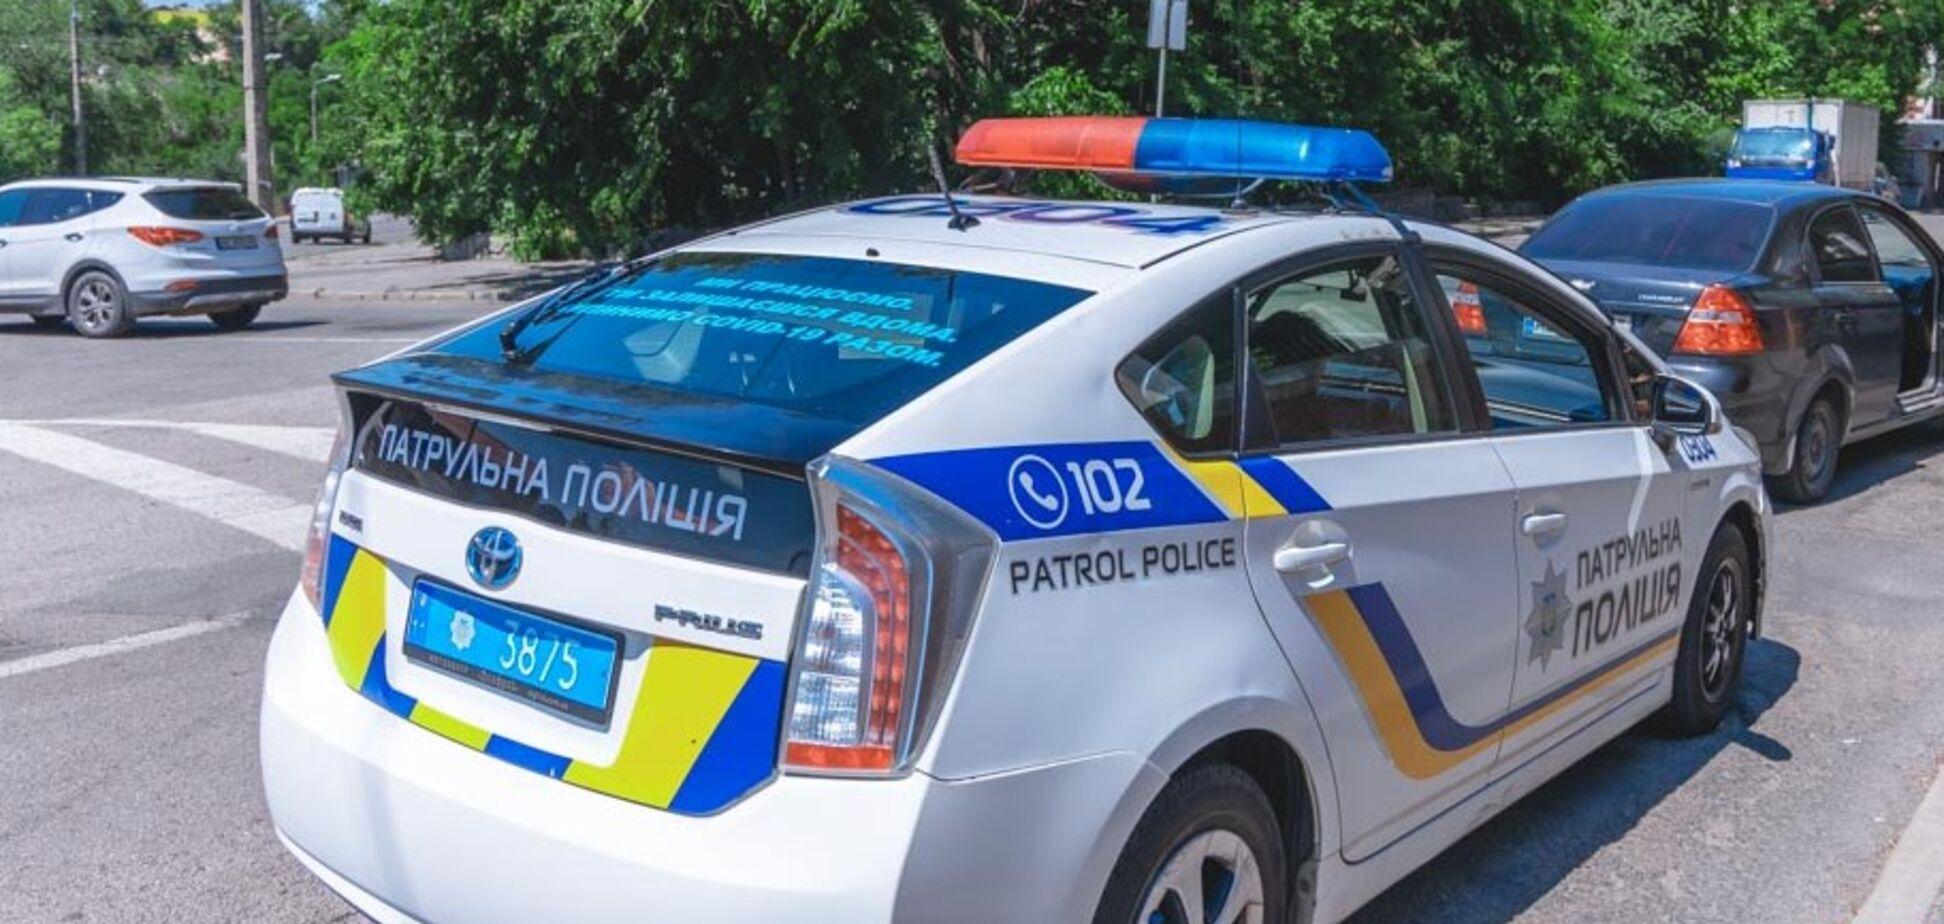 В результате ДТП в центре Днепра пострадал велосипедист. Фото